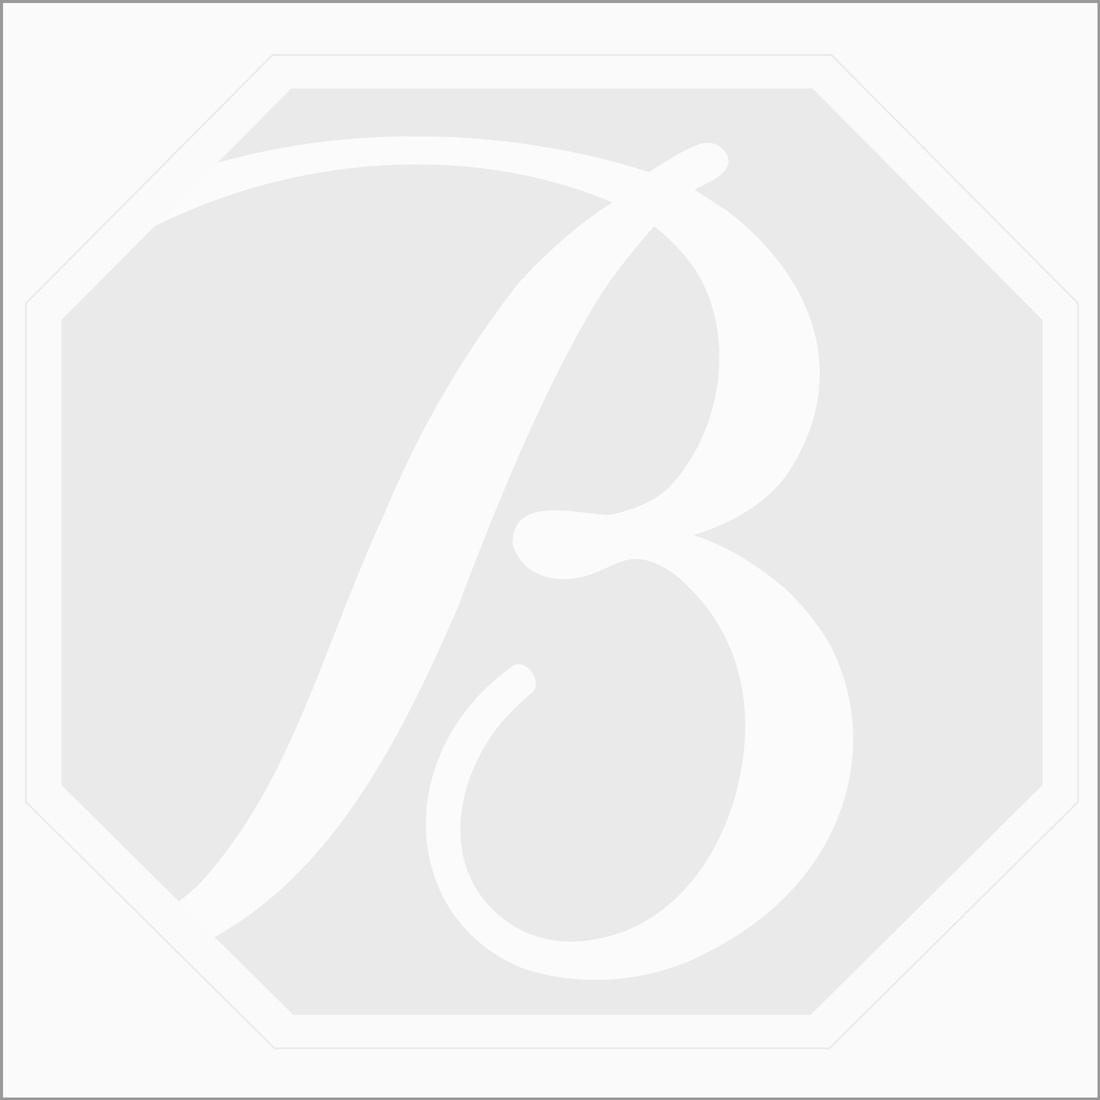 4 Pcs - Blue Lapis Lazuli Rose Cut - 107.82 ct. - 23 x 16 x 6 mm to 27 x 21 x 7 mm (LAPRC1015)